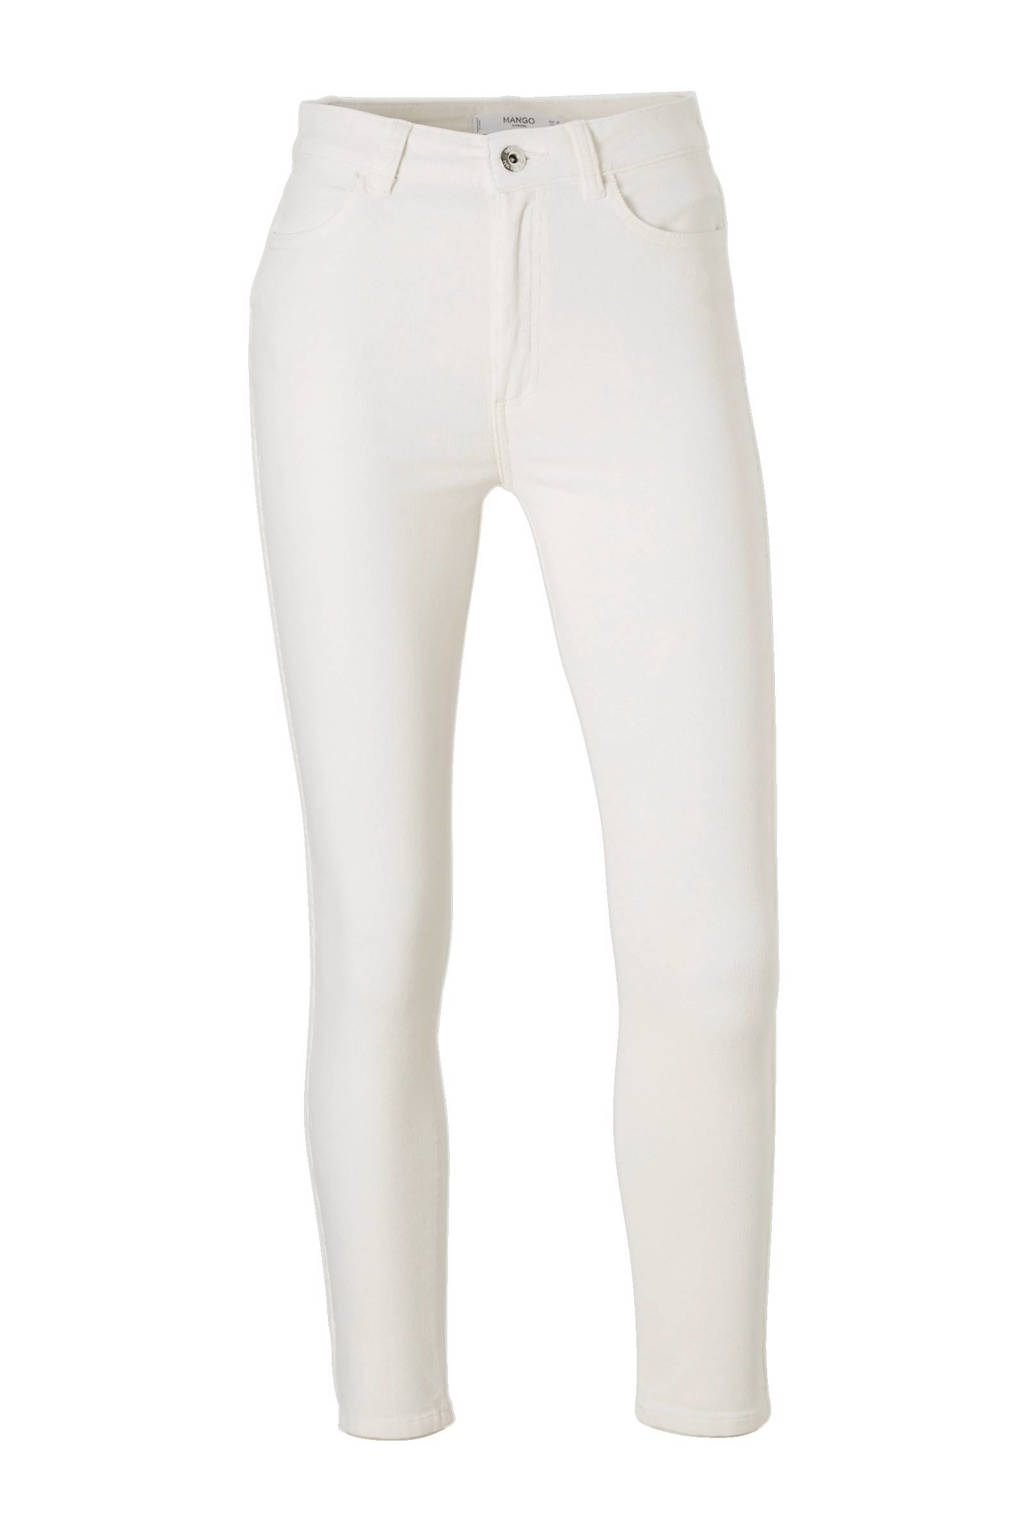 vrijetijdsschoenen enorme selectie van korting Mango cropped skinny fit corduroy broek   wehkamp